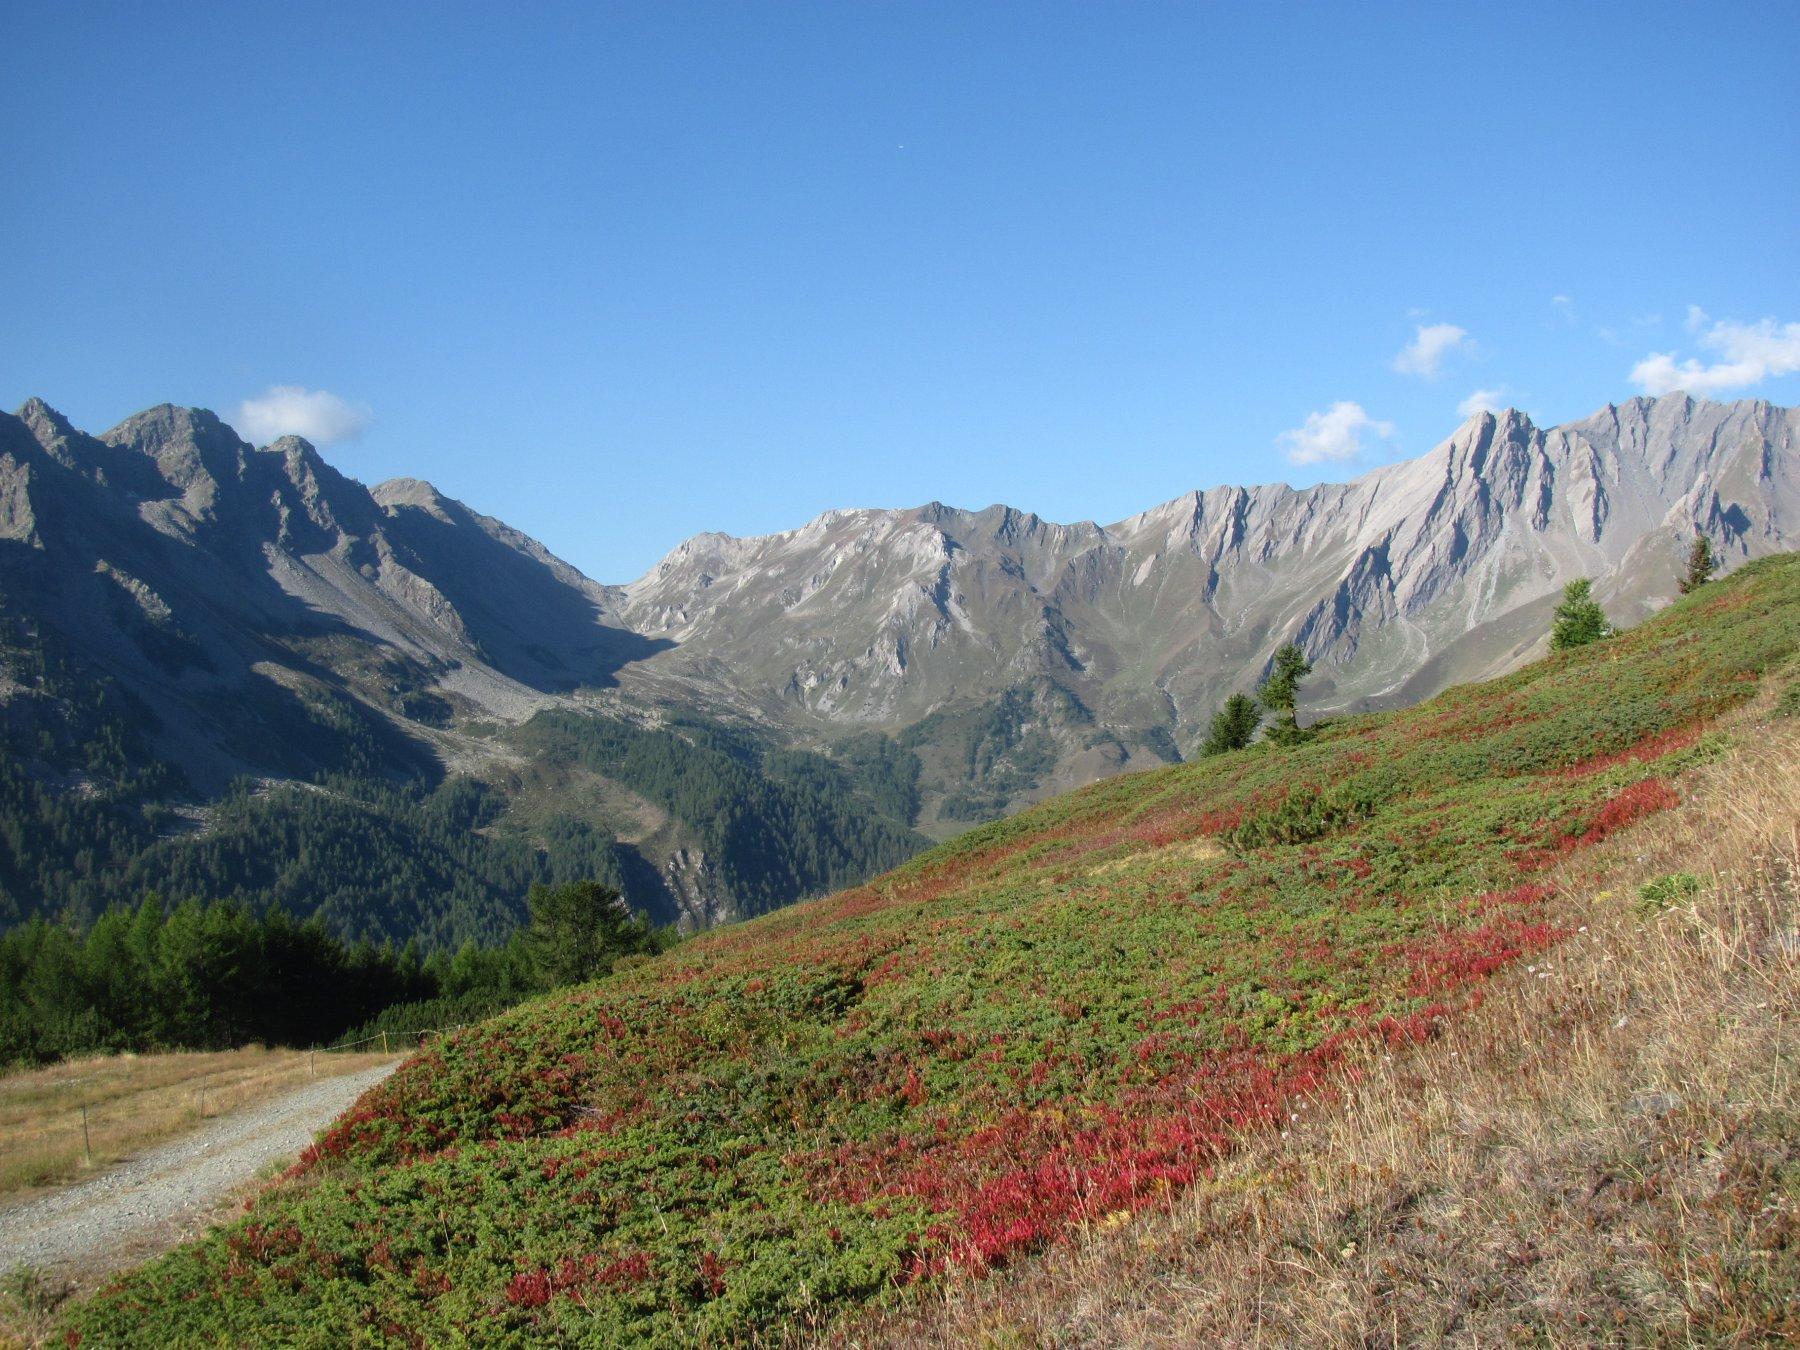 verso il Col Serena, con le piante di mirtilli rosse